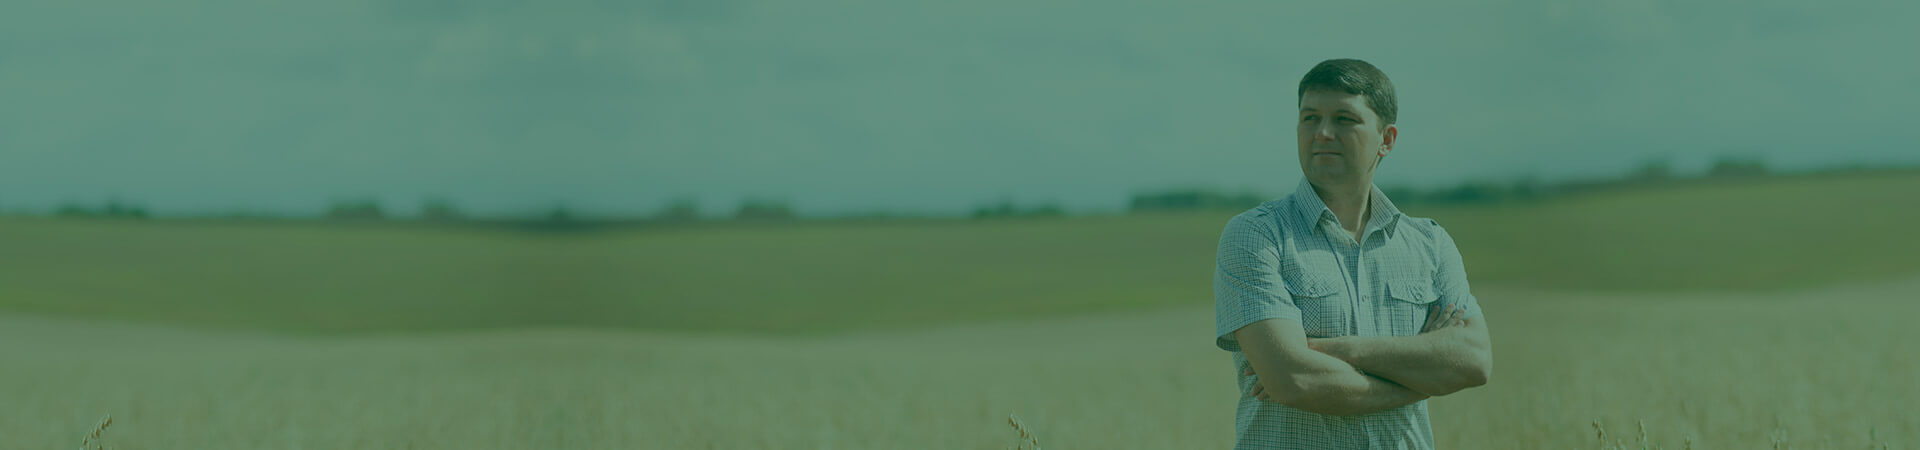 O agricultor é o visionário que dá o tom das inovações em campo